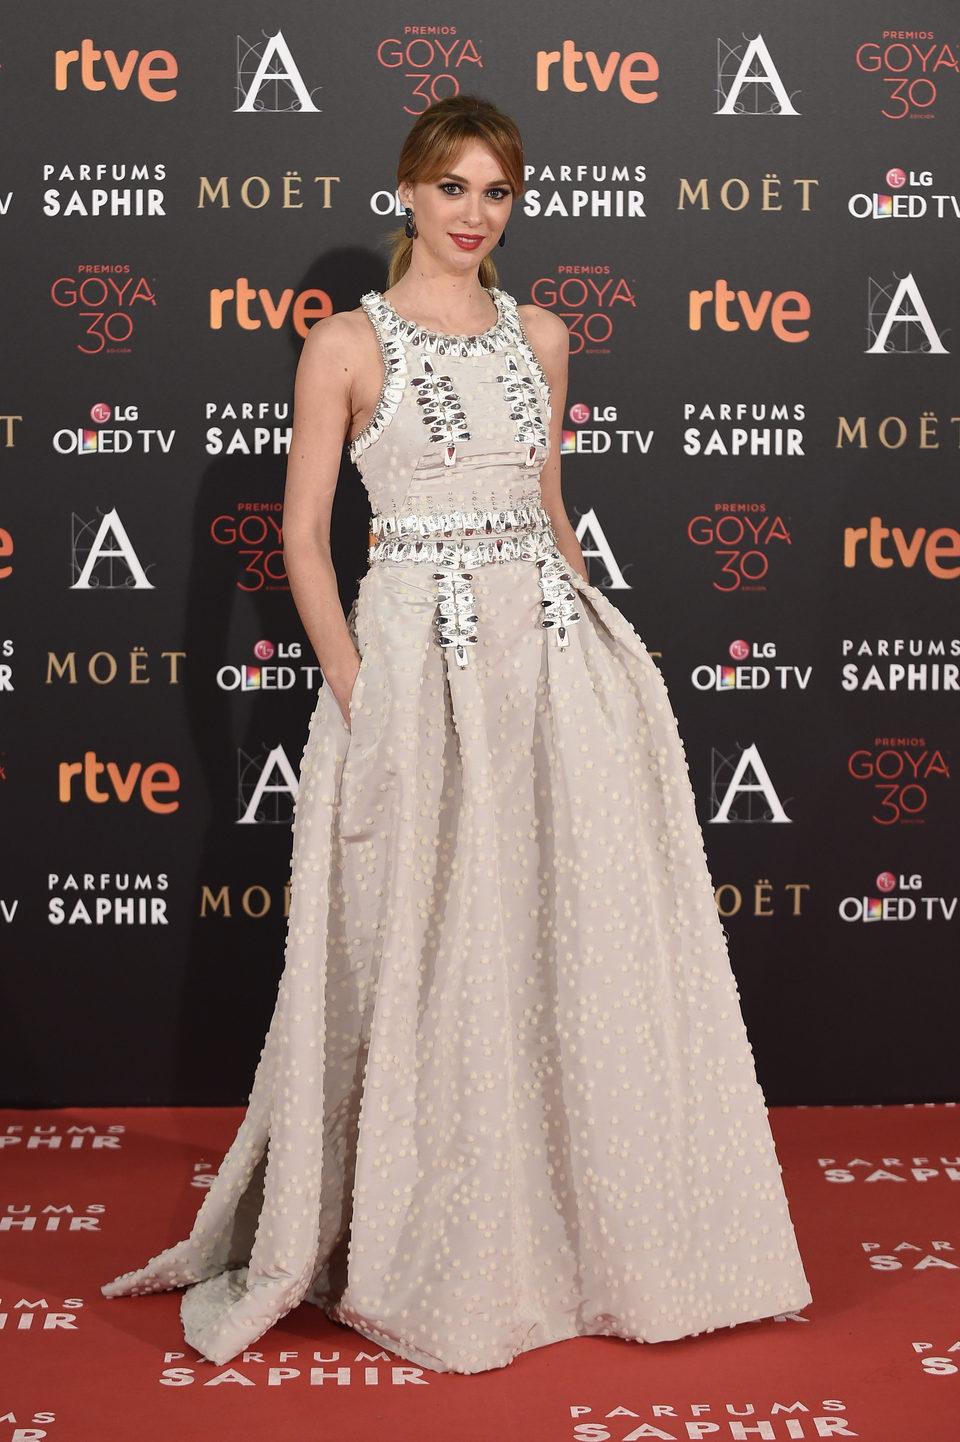 Marta Hazas en la alfombra roja de los Premios Goya 2016